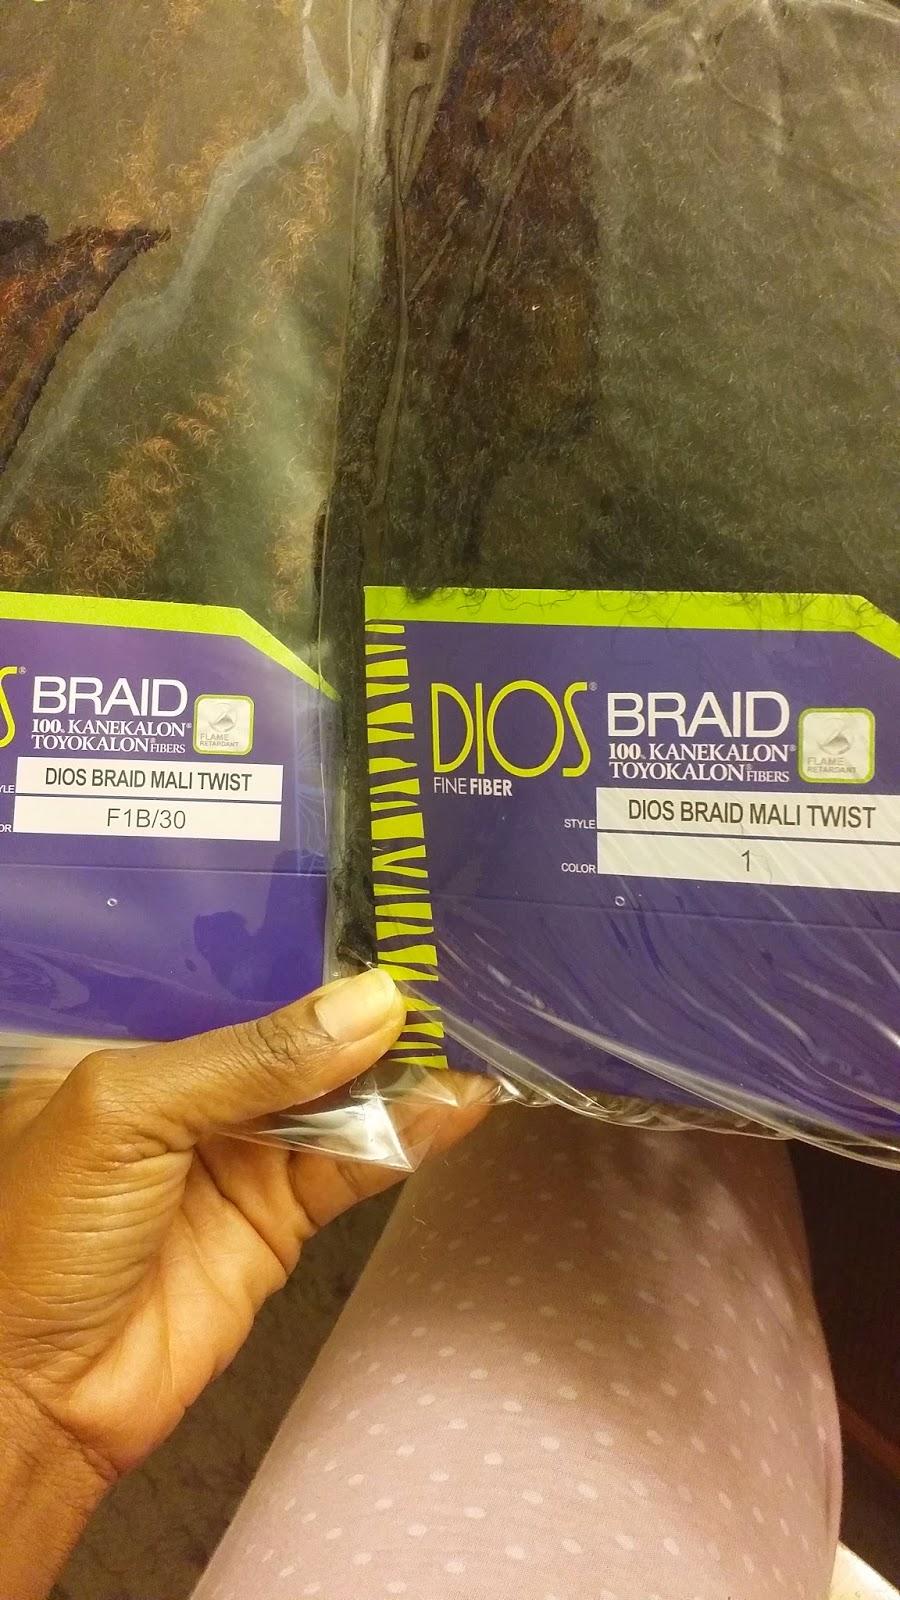 Dios Fine fiber Mali Twist Braid